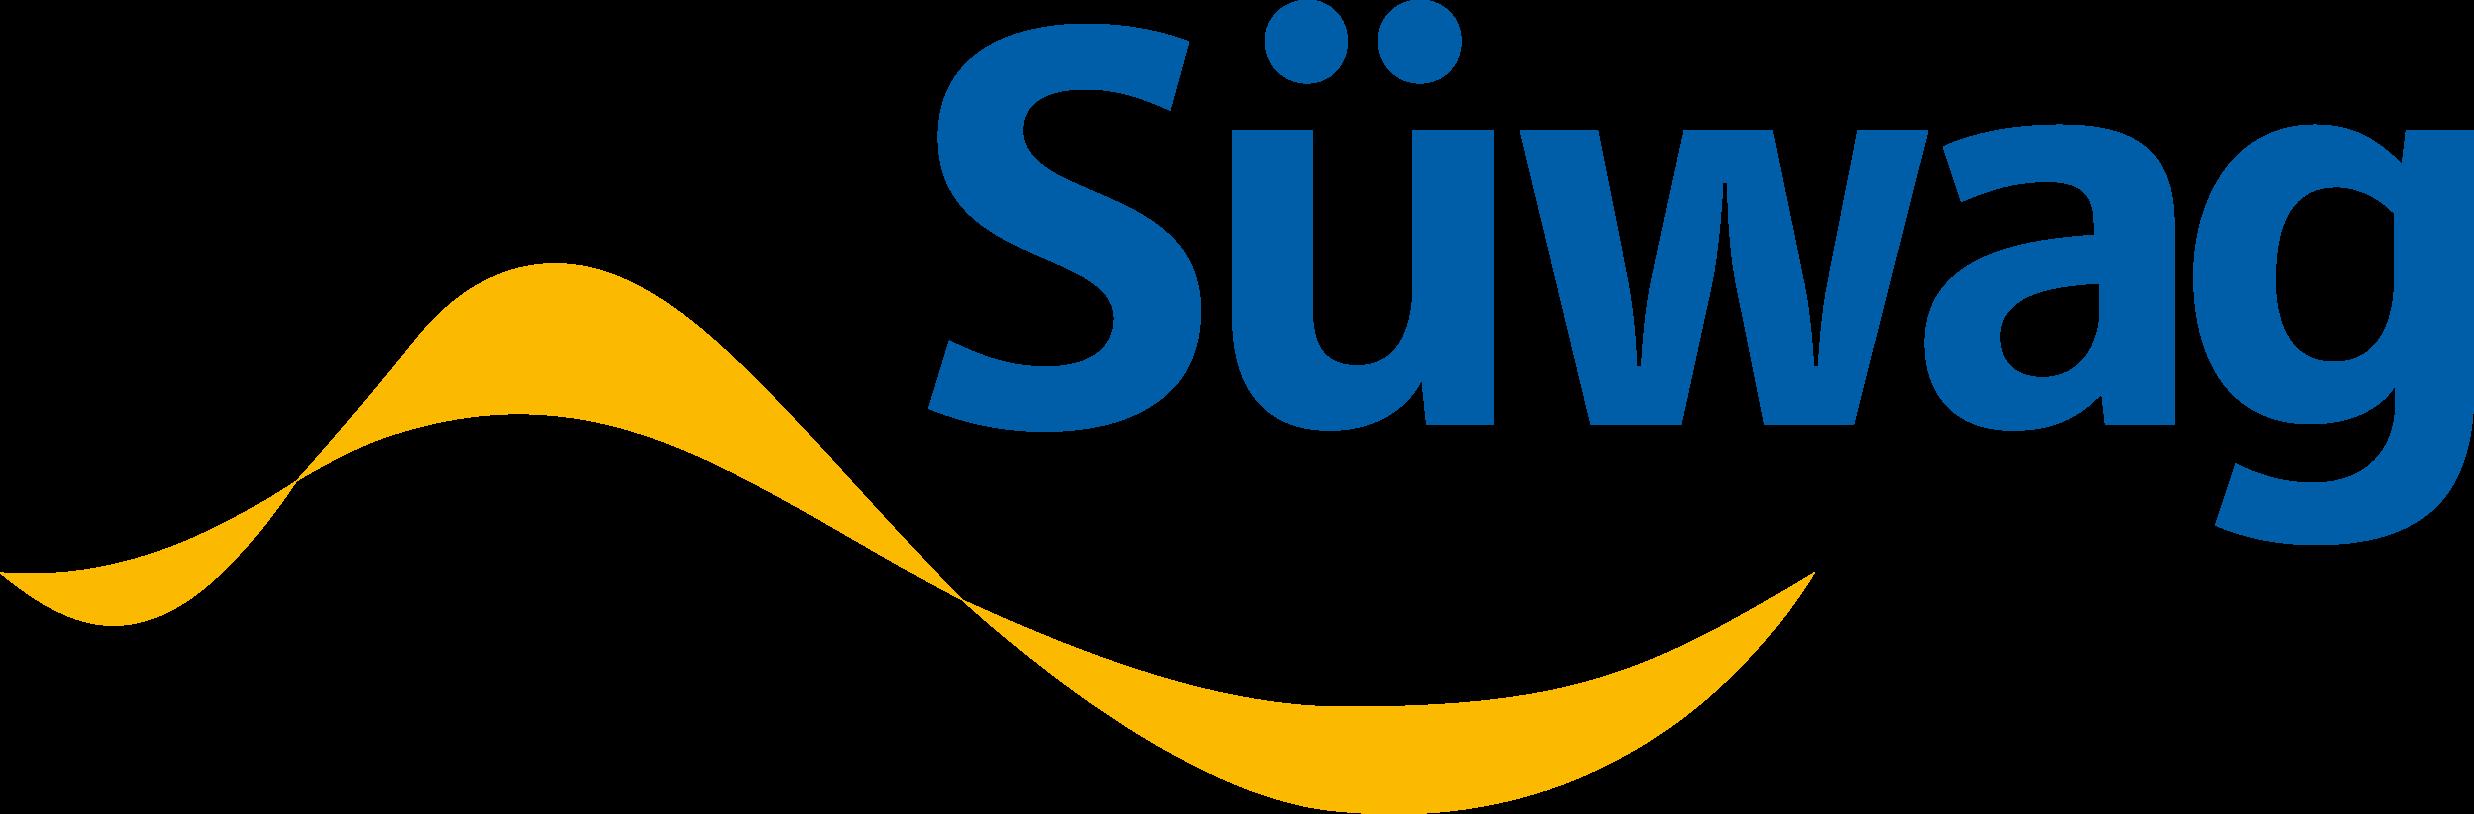 Suewag-Logo